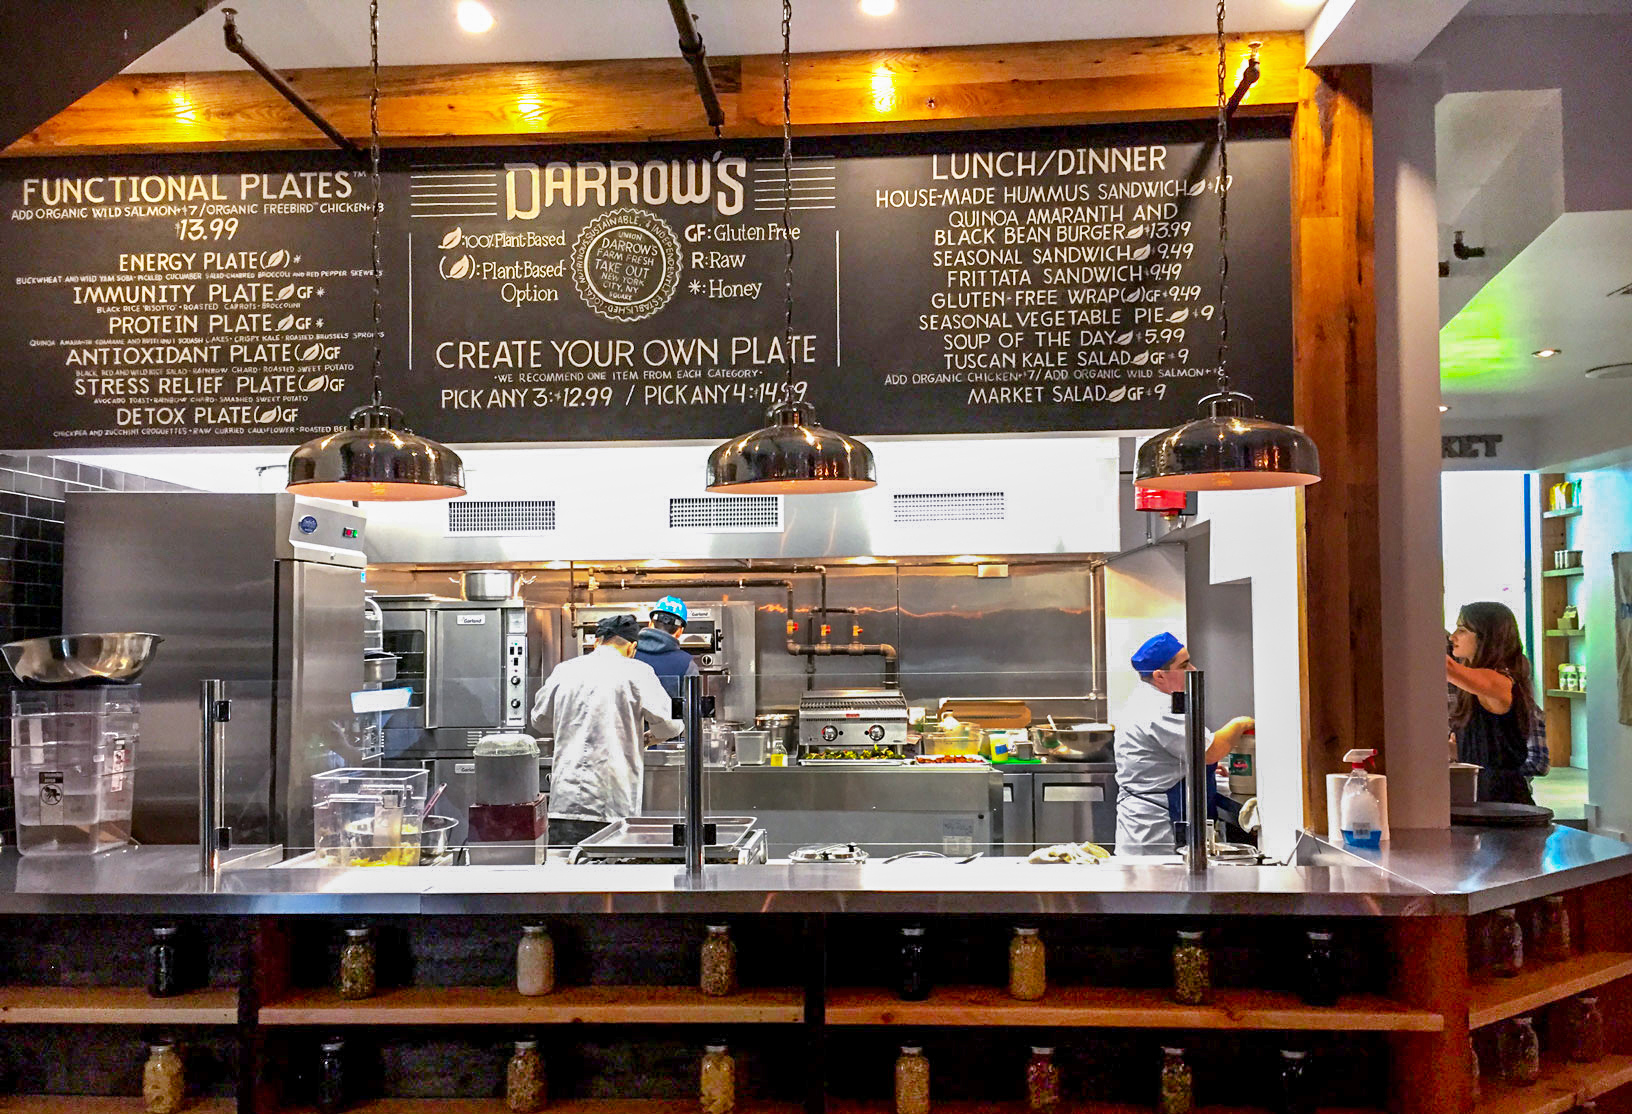 3 Day Monk Darrows Restaurant Design-15-2.jpg